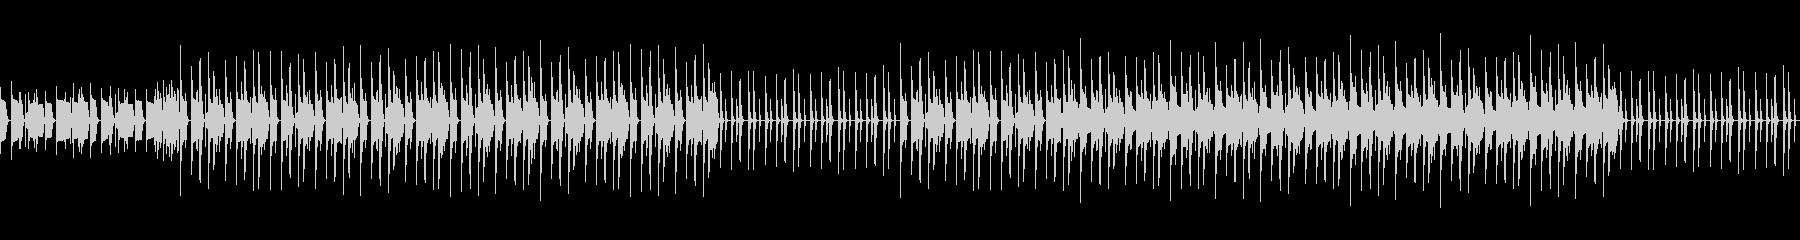 ベースがメインのシックな曲の未再生の波形